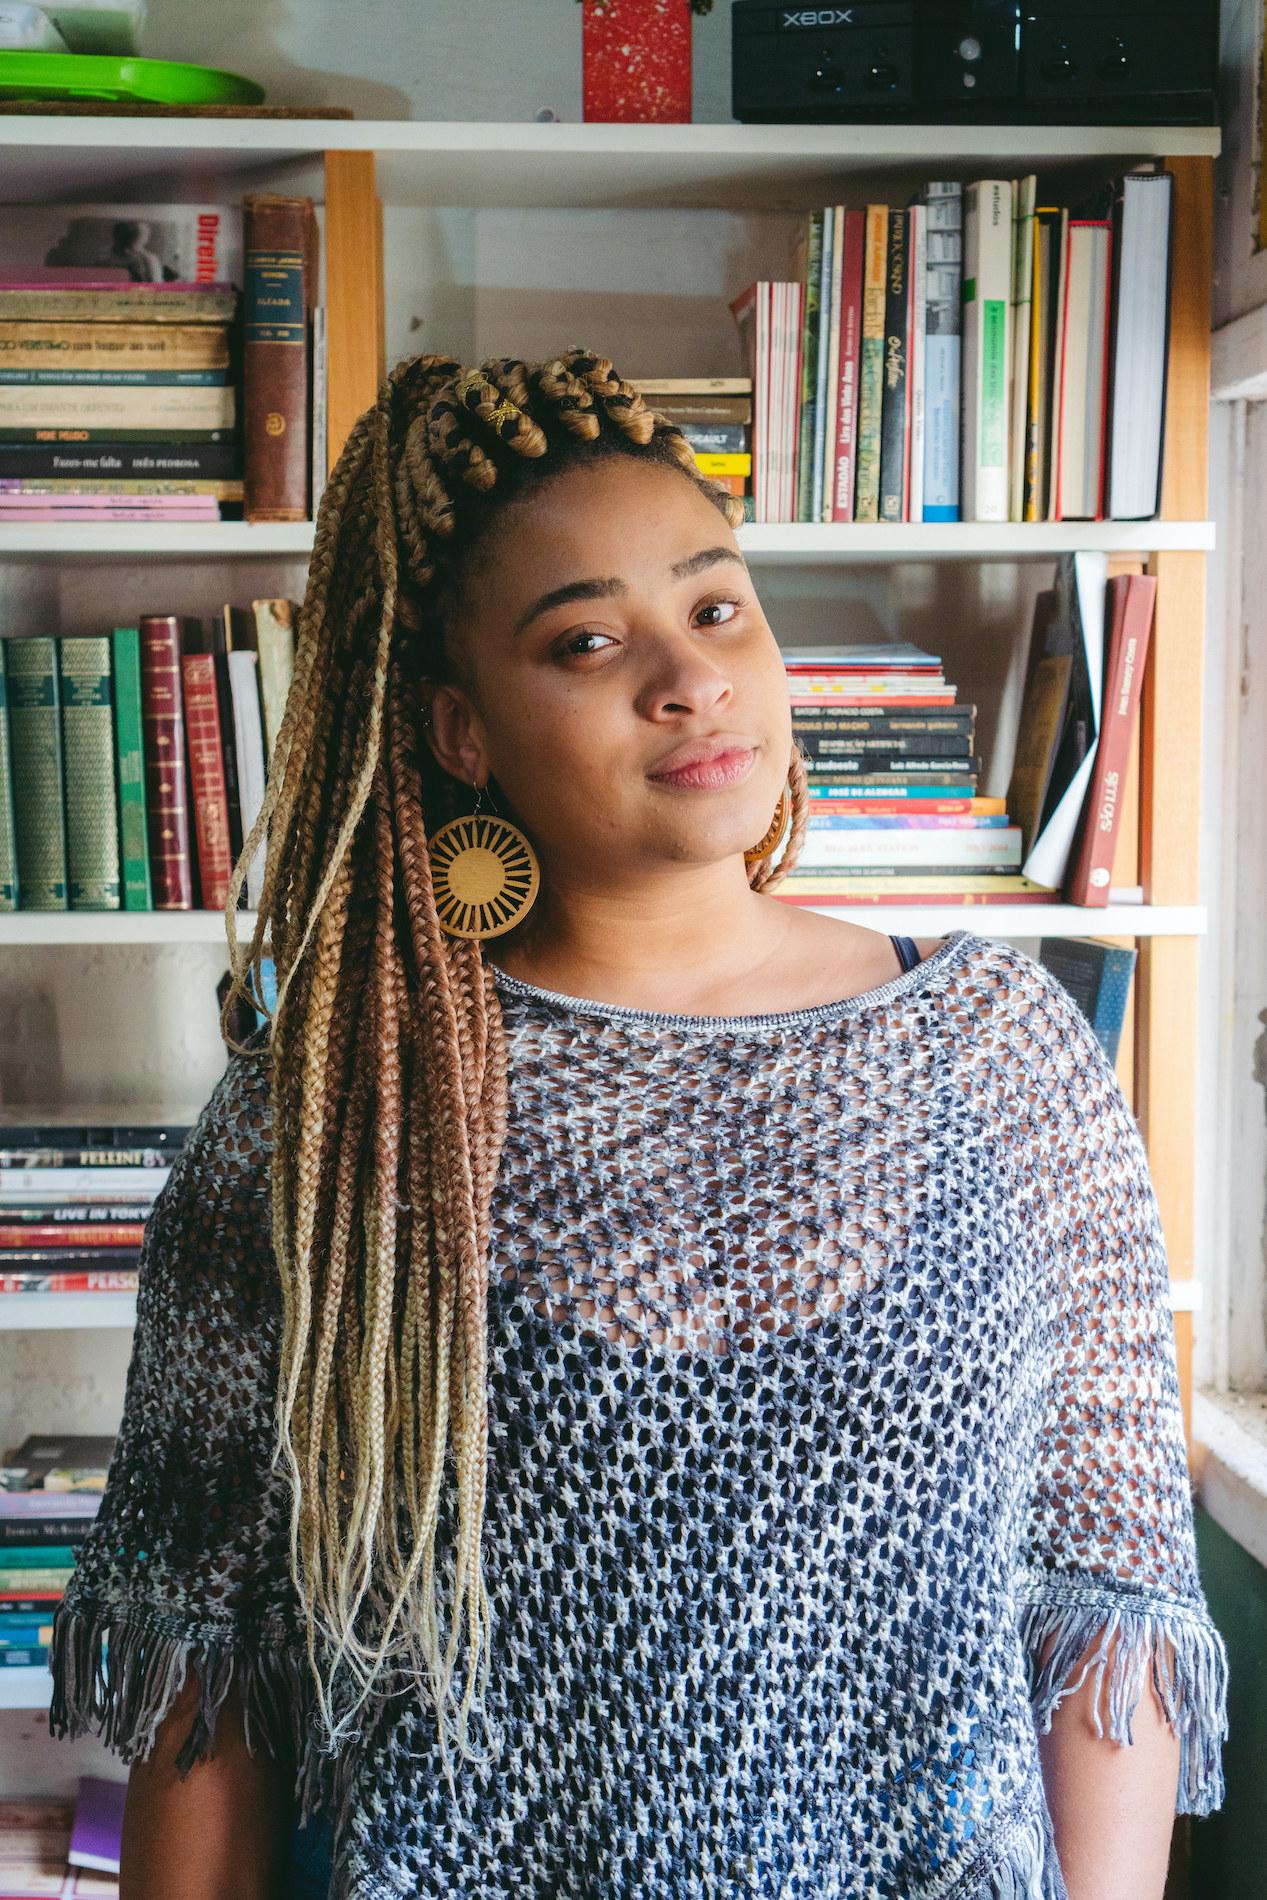 Kellen Silva na frente de estante de livros na Ocupação 9 de Julho.